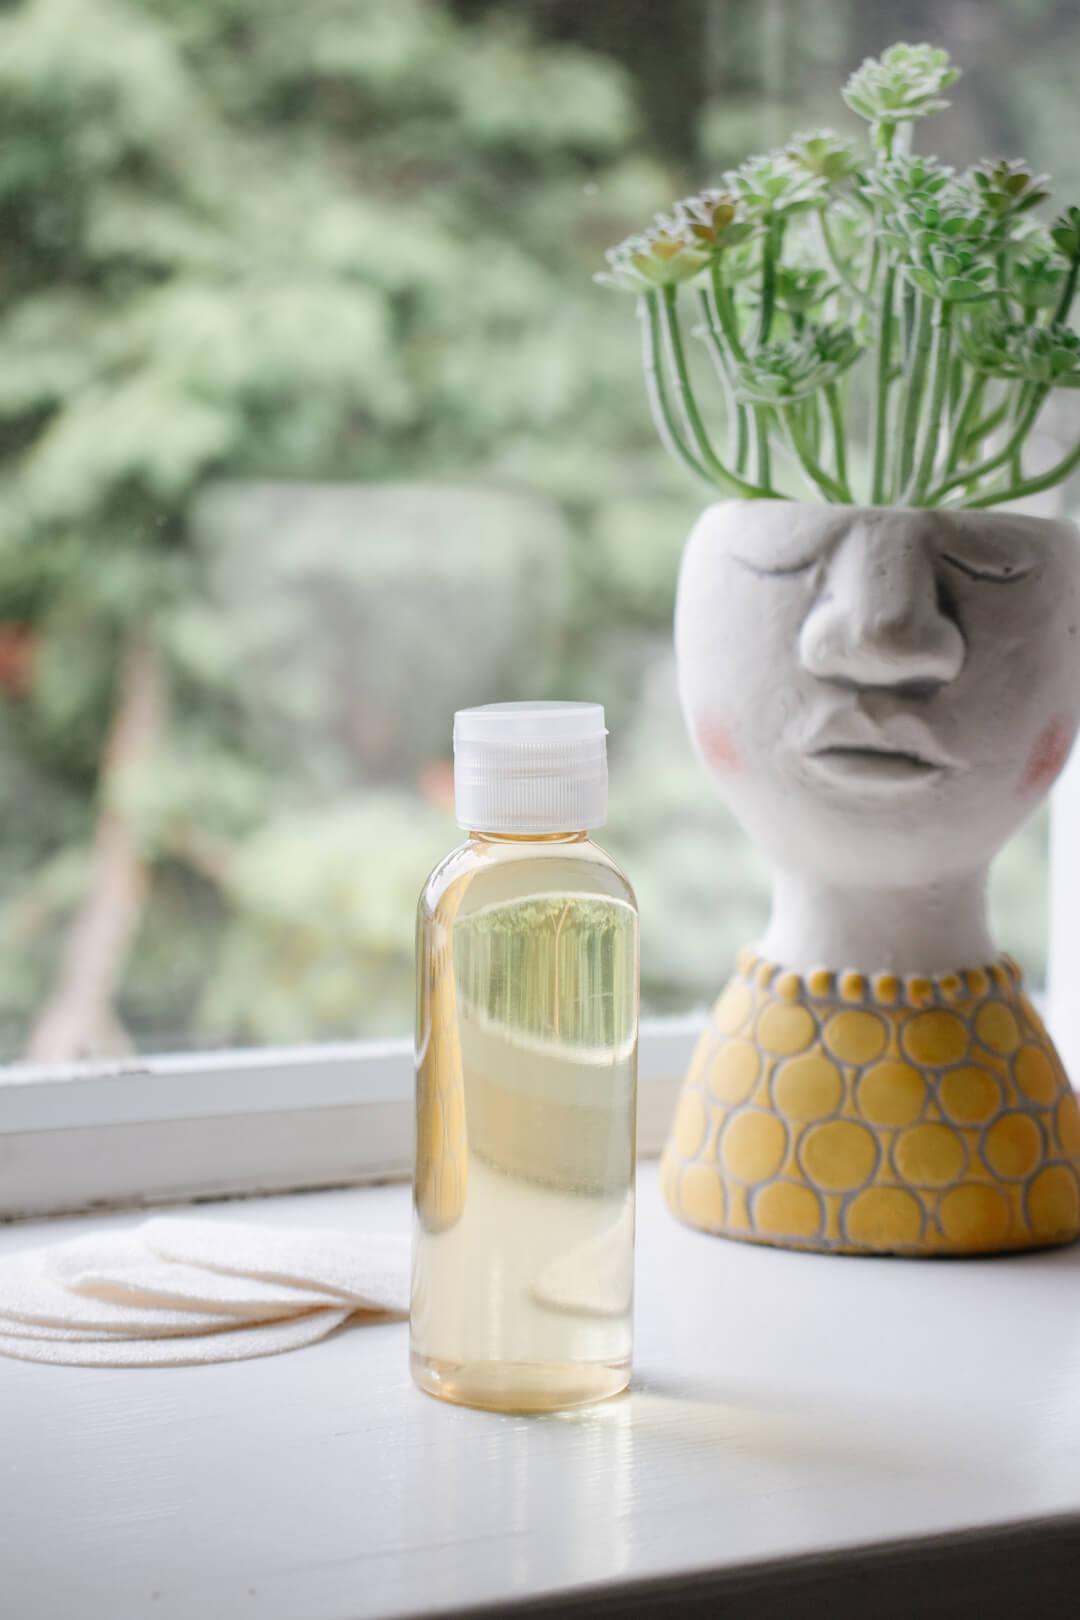 DIY Green Tea Facial Toner